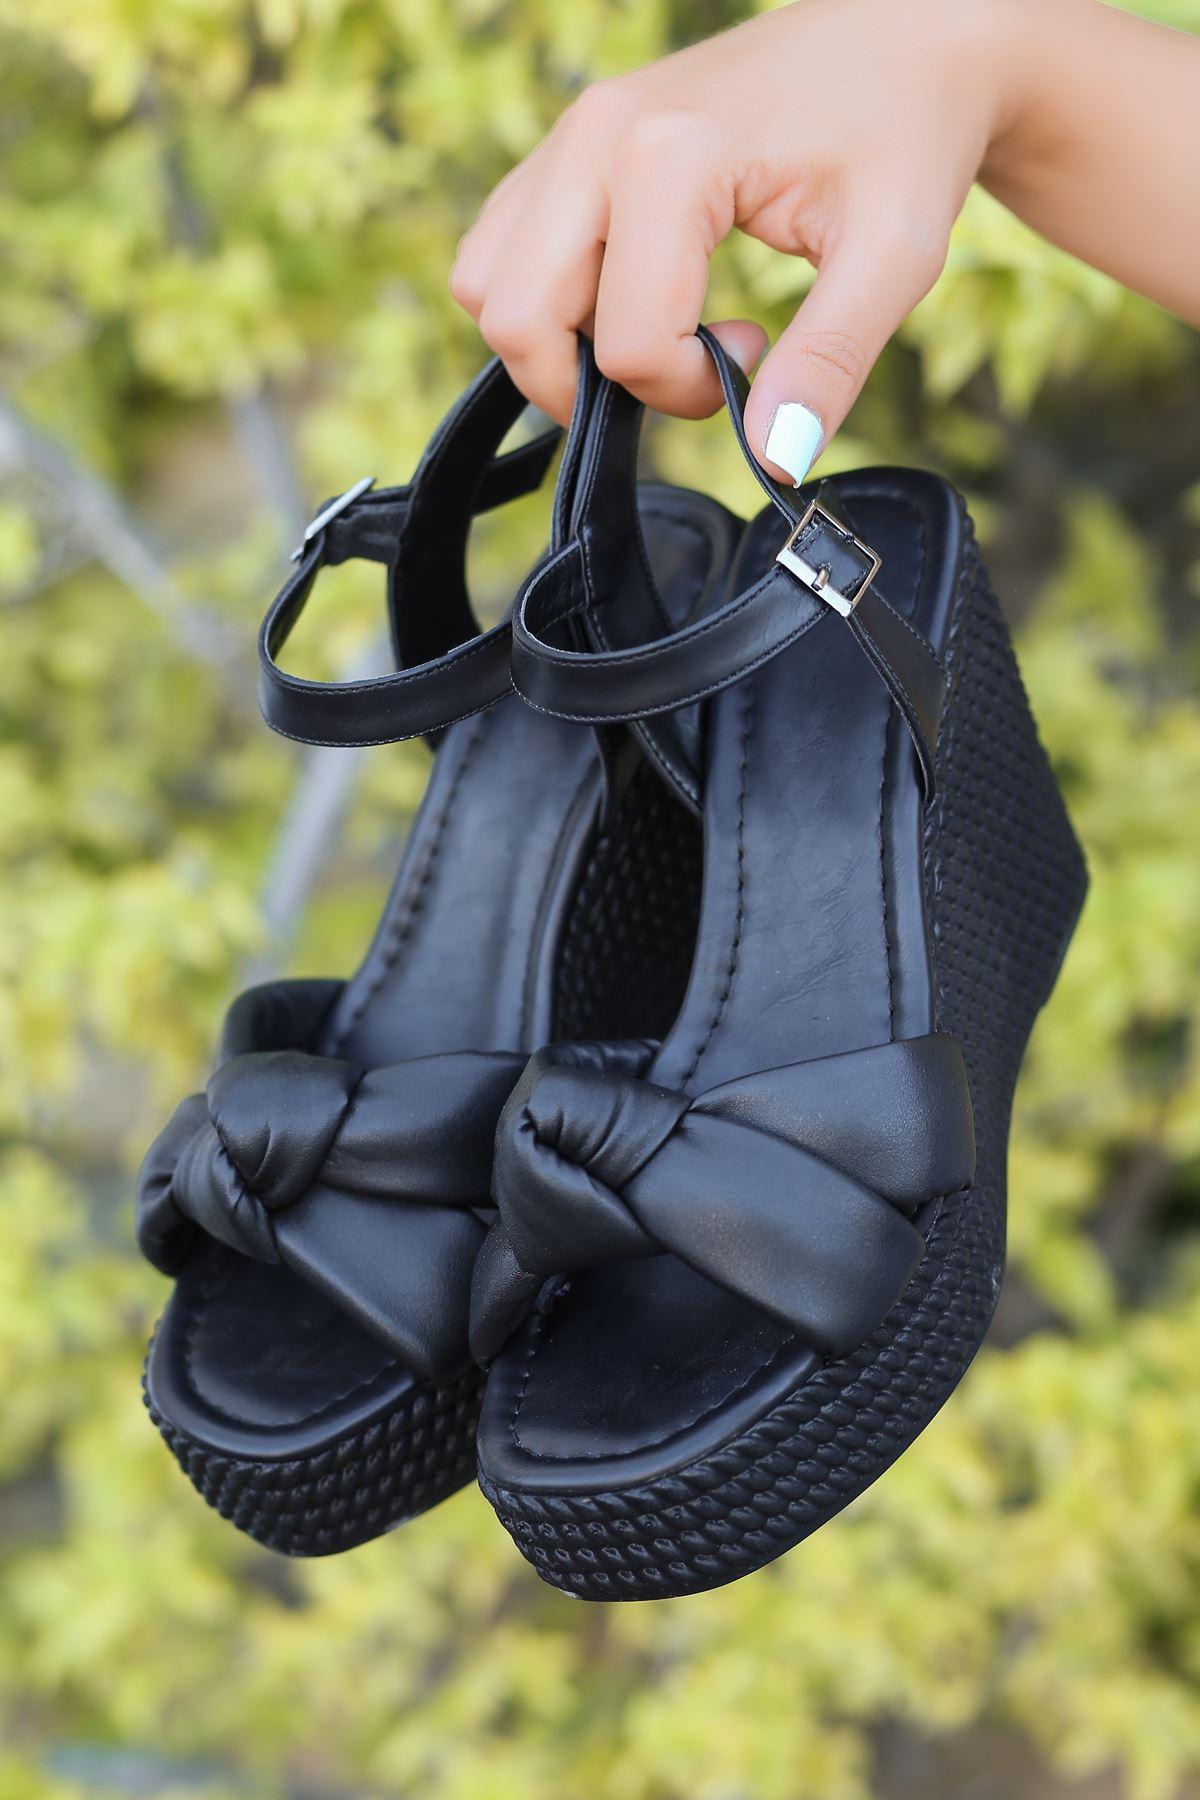 Karmen Bağlama Detaylı Siyah Dolgu Topuk Kadın Ayakkabı